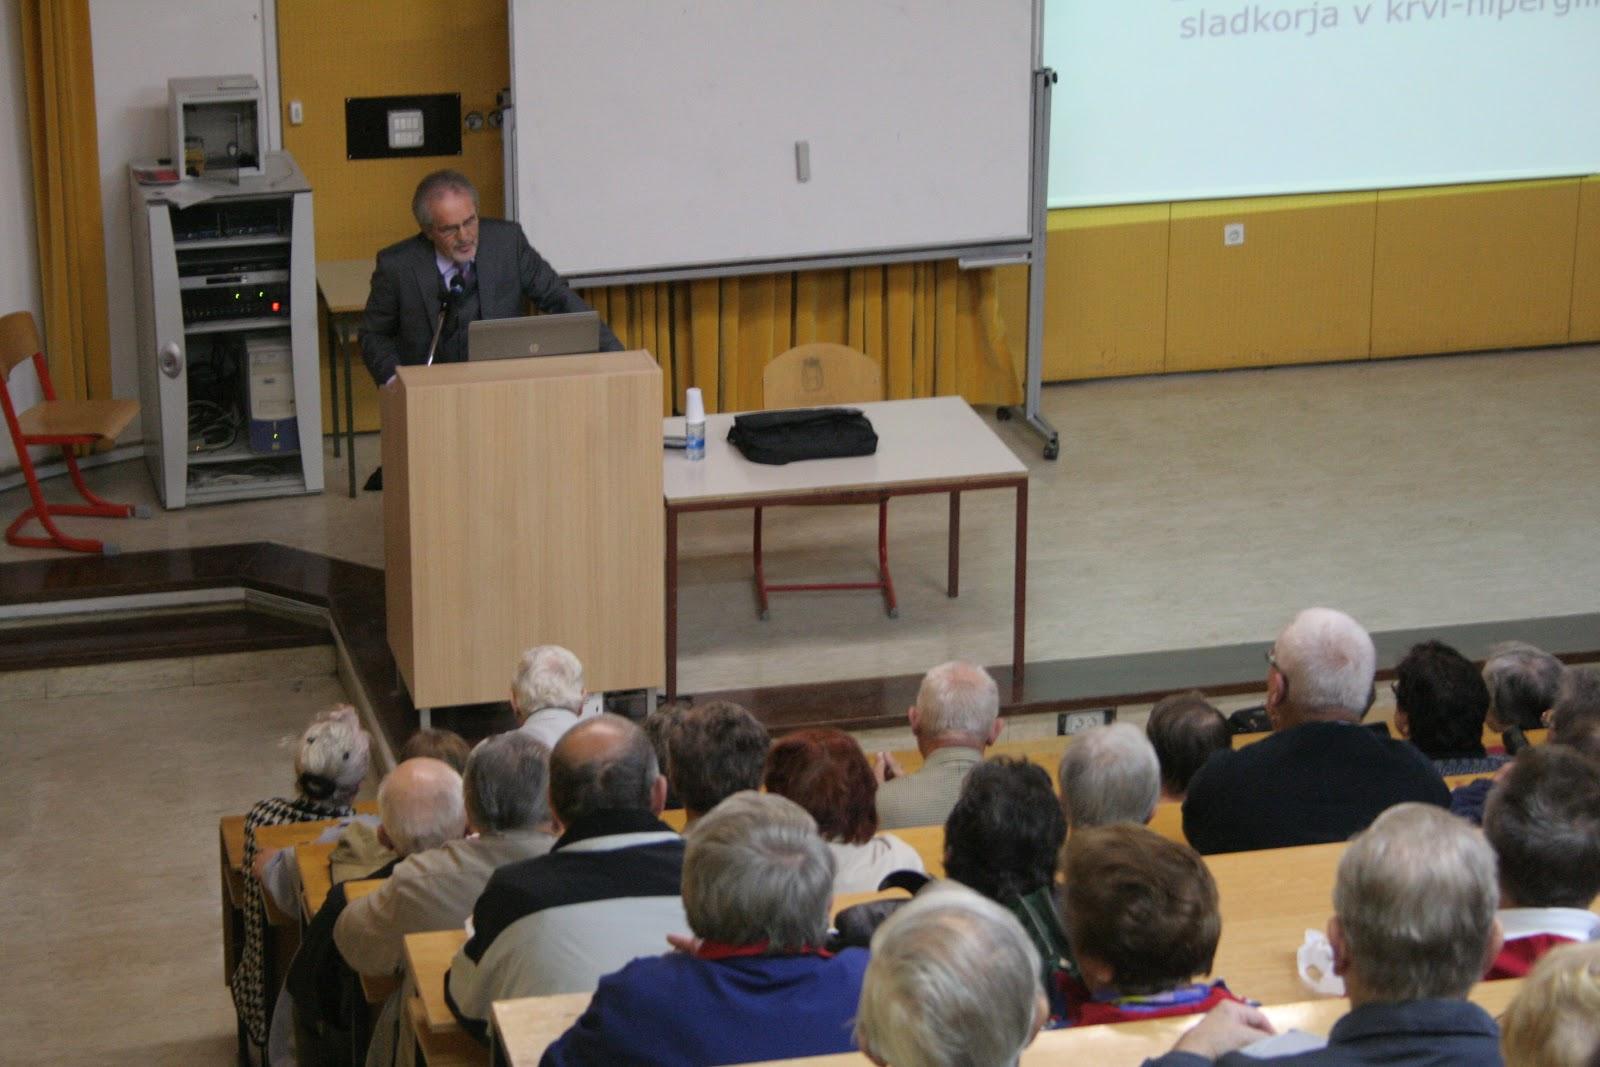 Predavanje - dr. Tomaž Camlek - oktober 2012 - IMG_6904.JPG